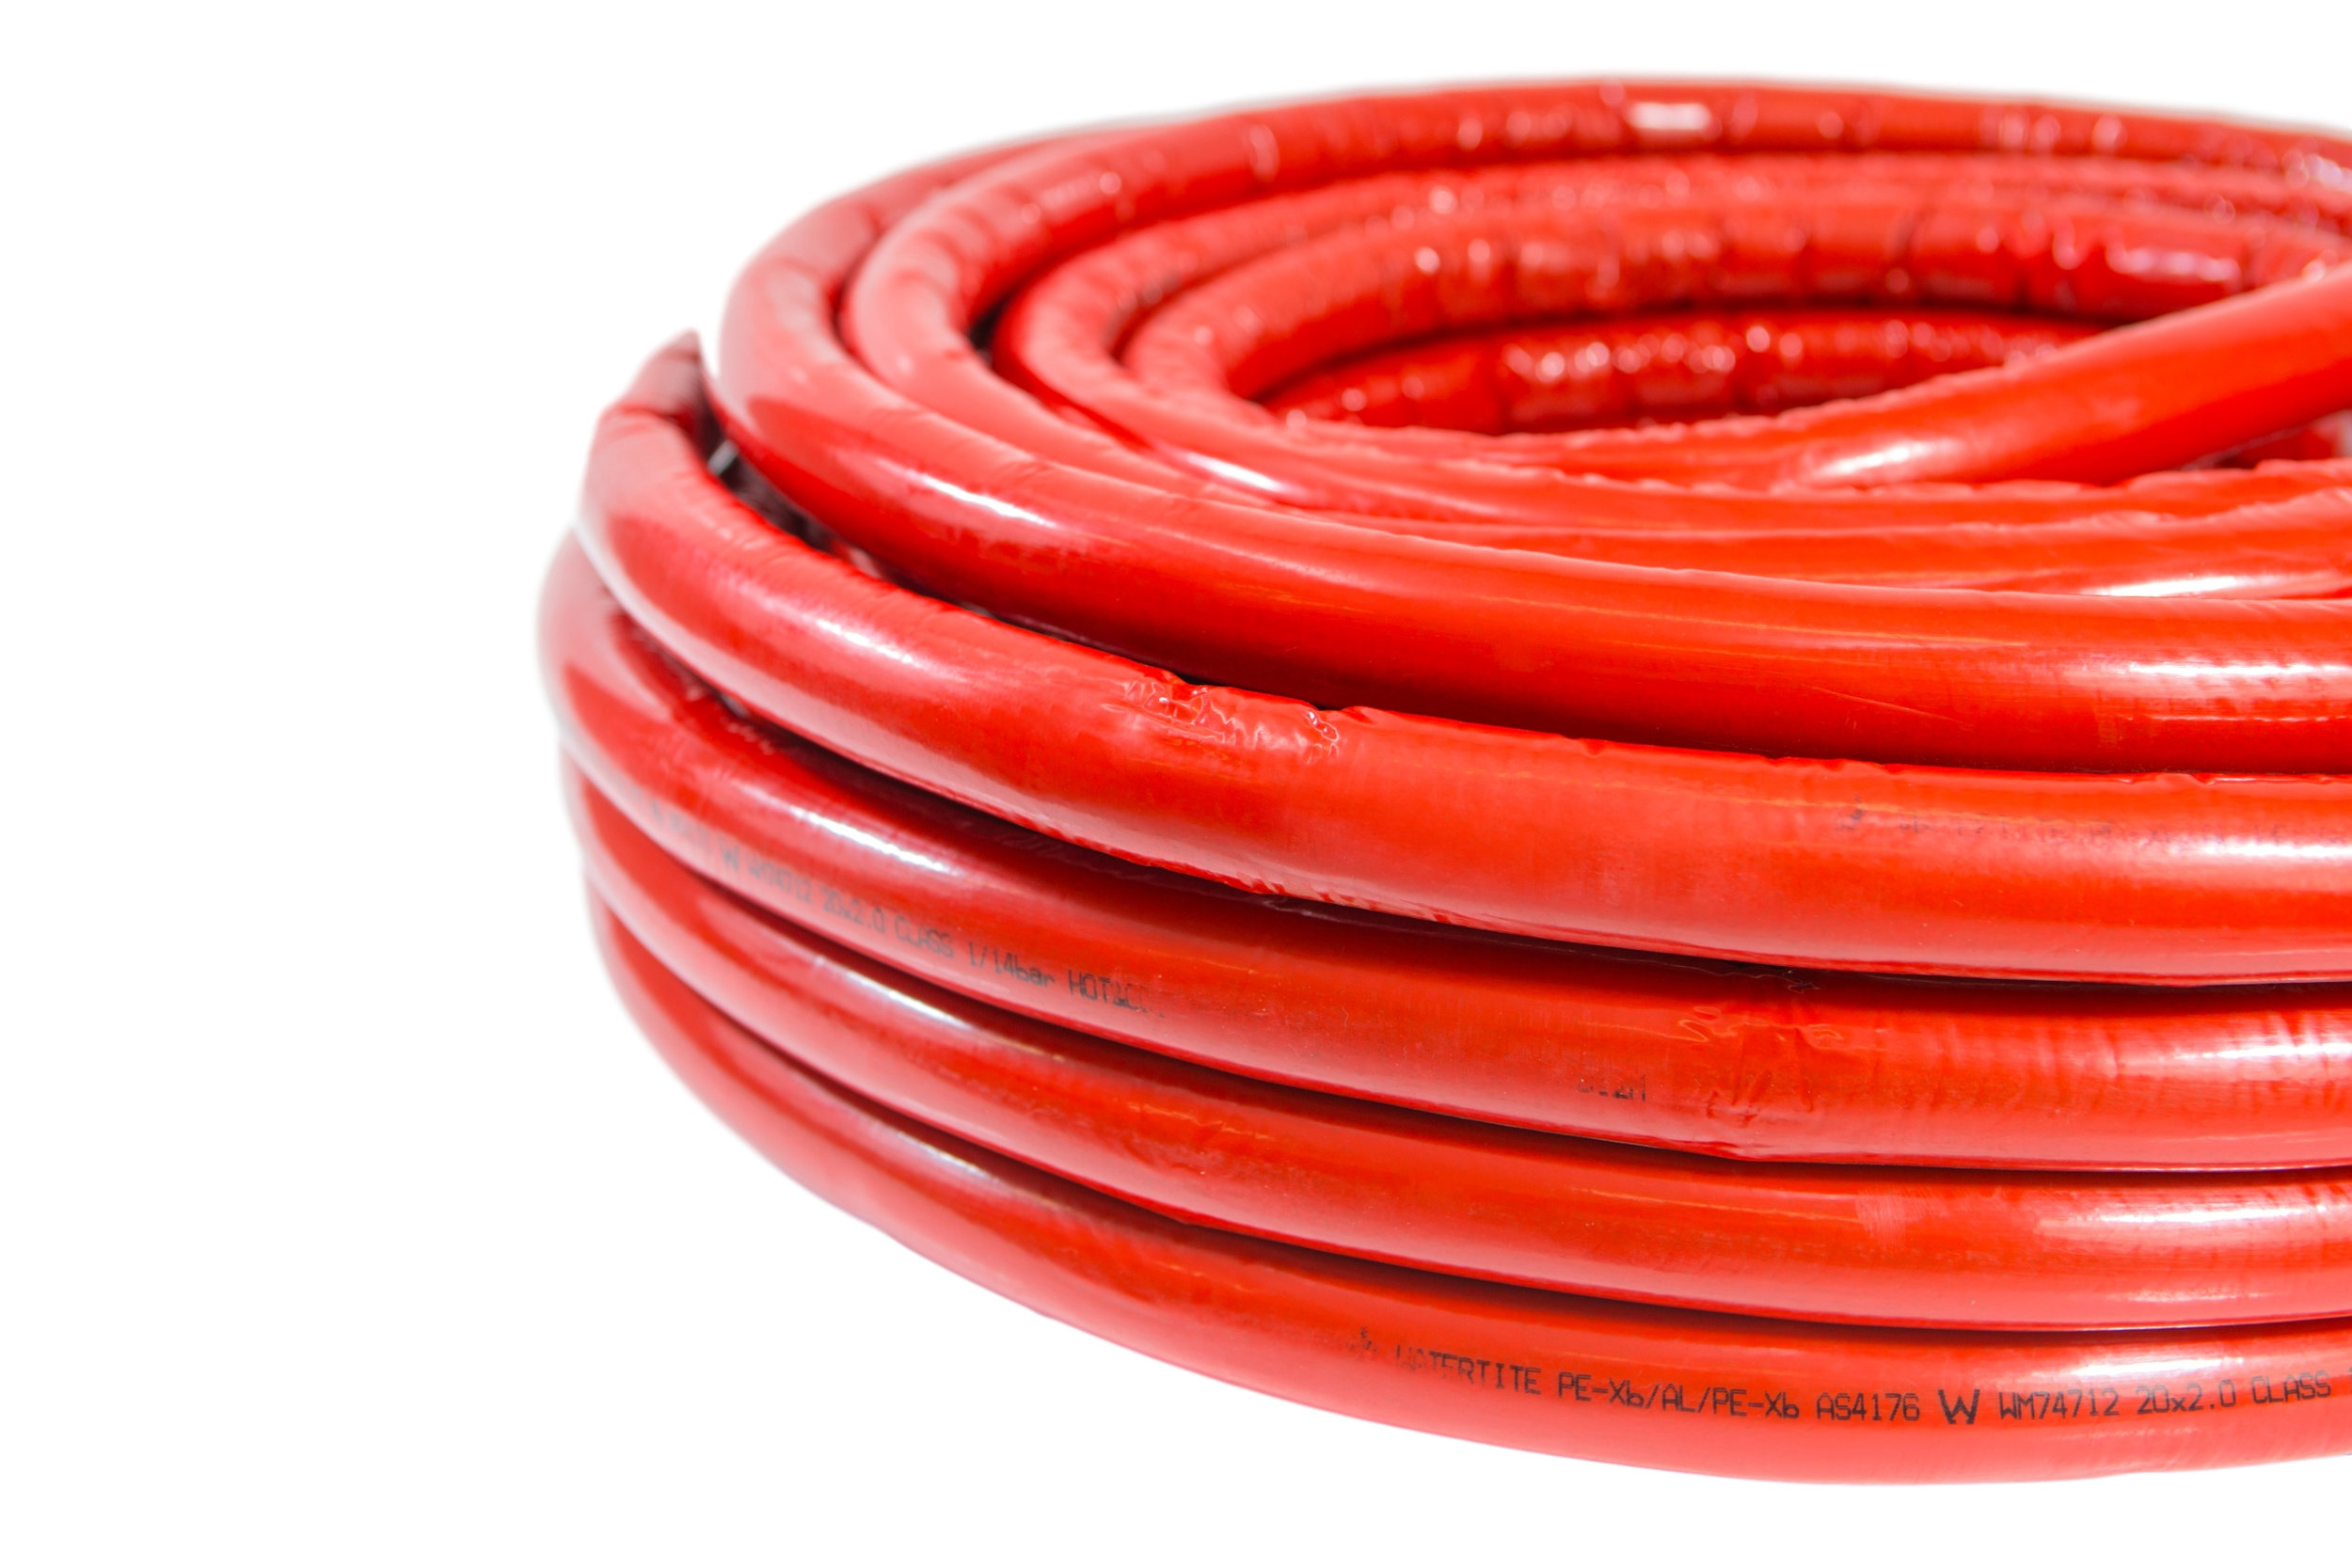 Pex-Al-Pex Pipe Coil - Insulated (Red)